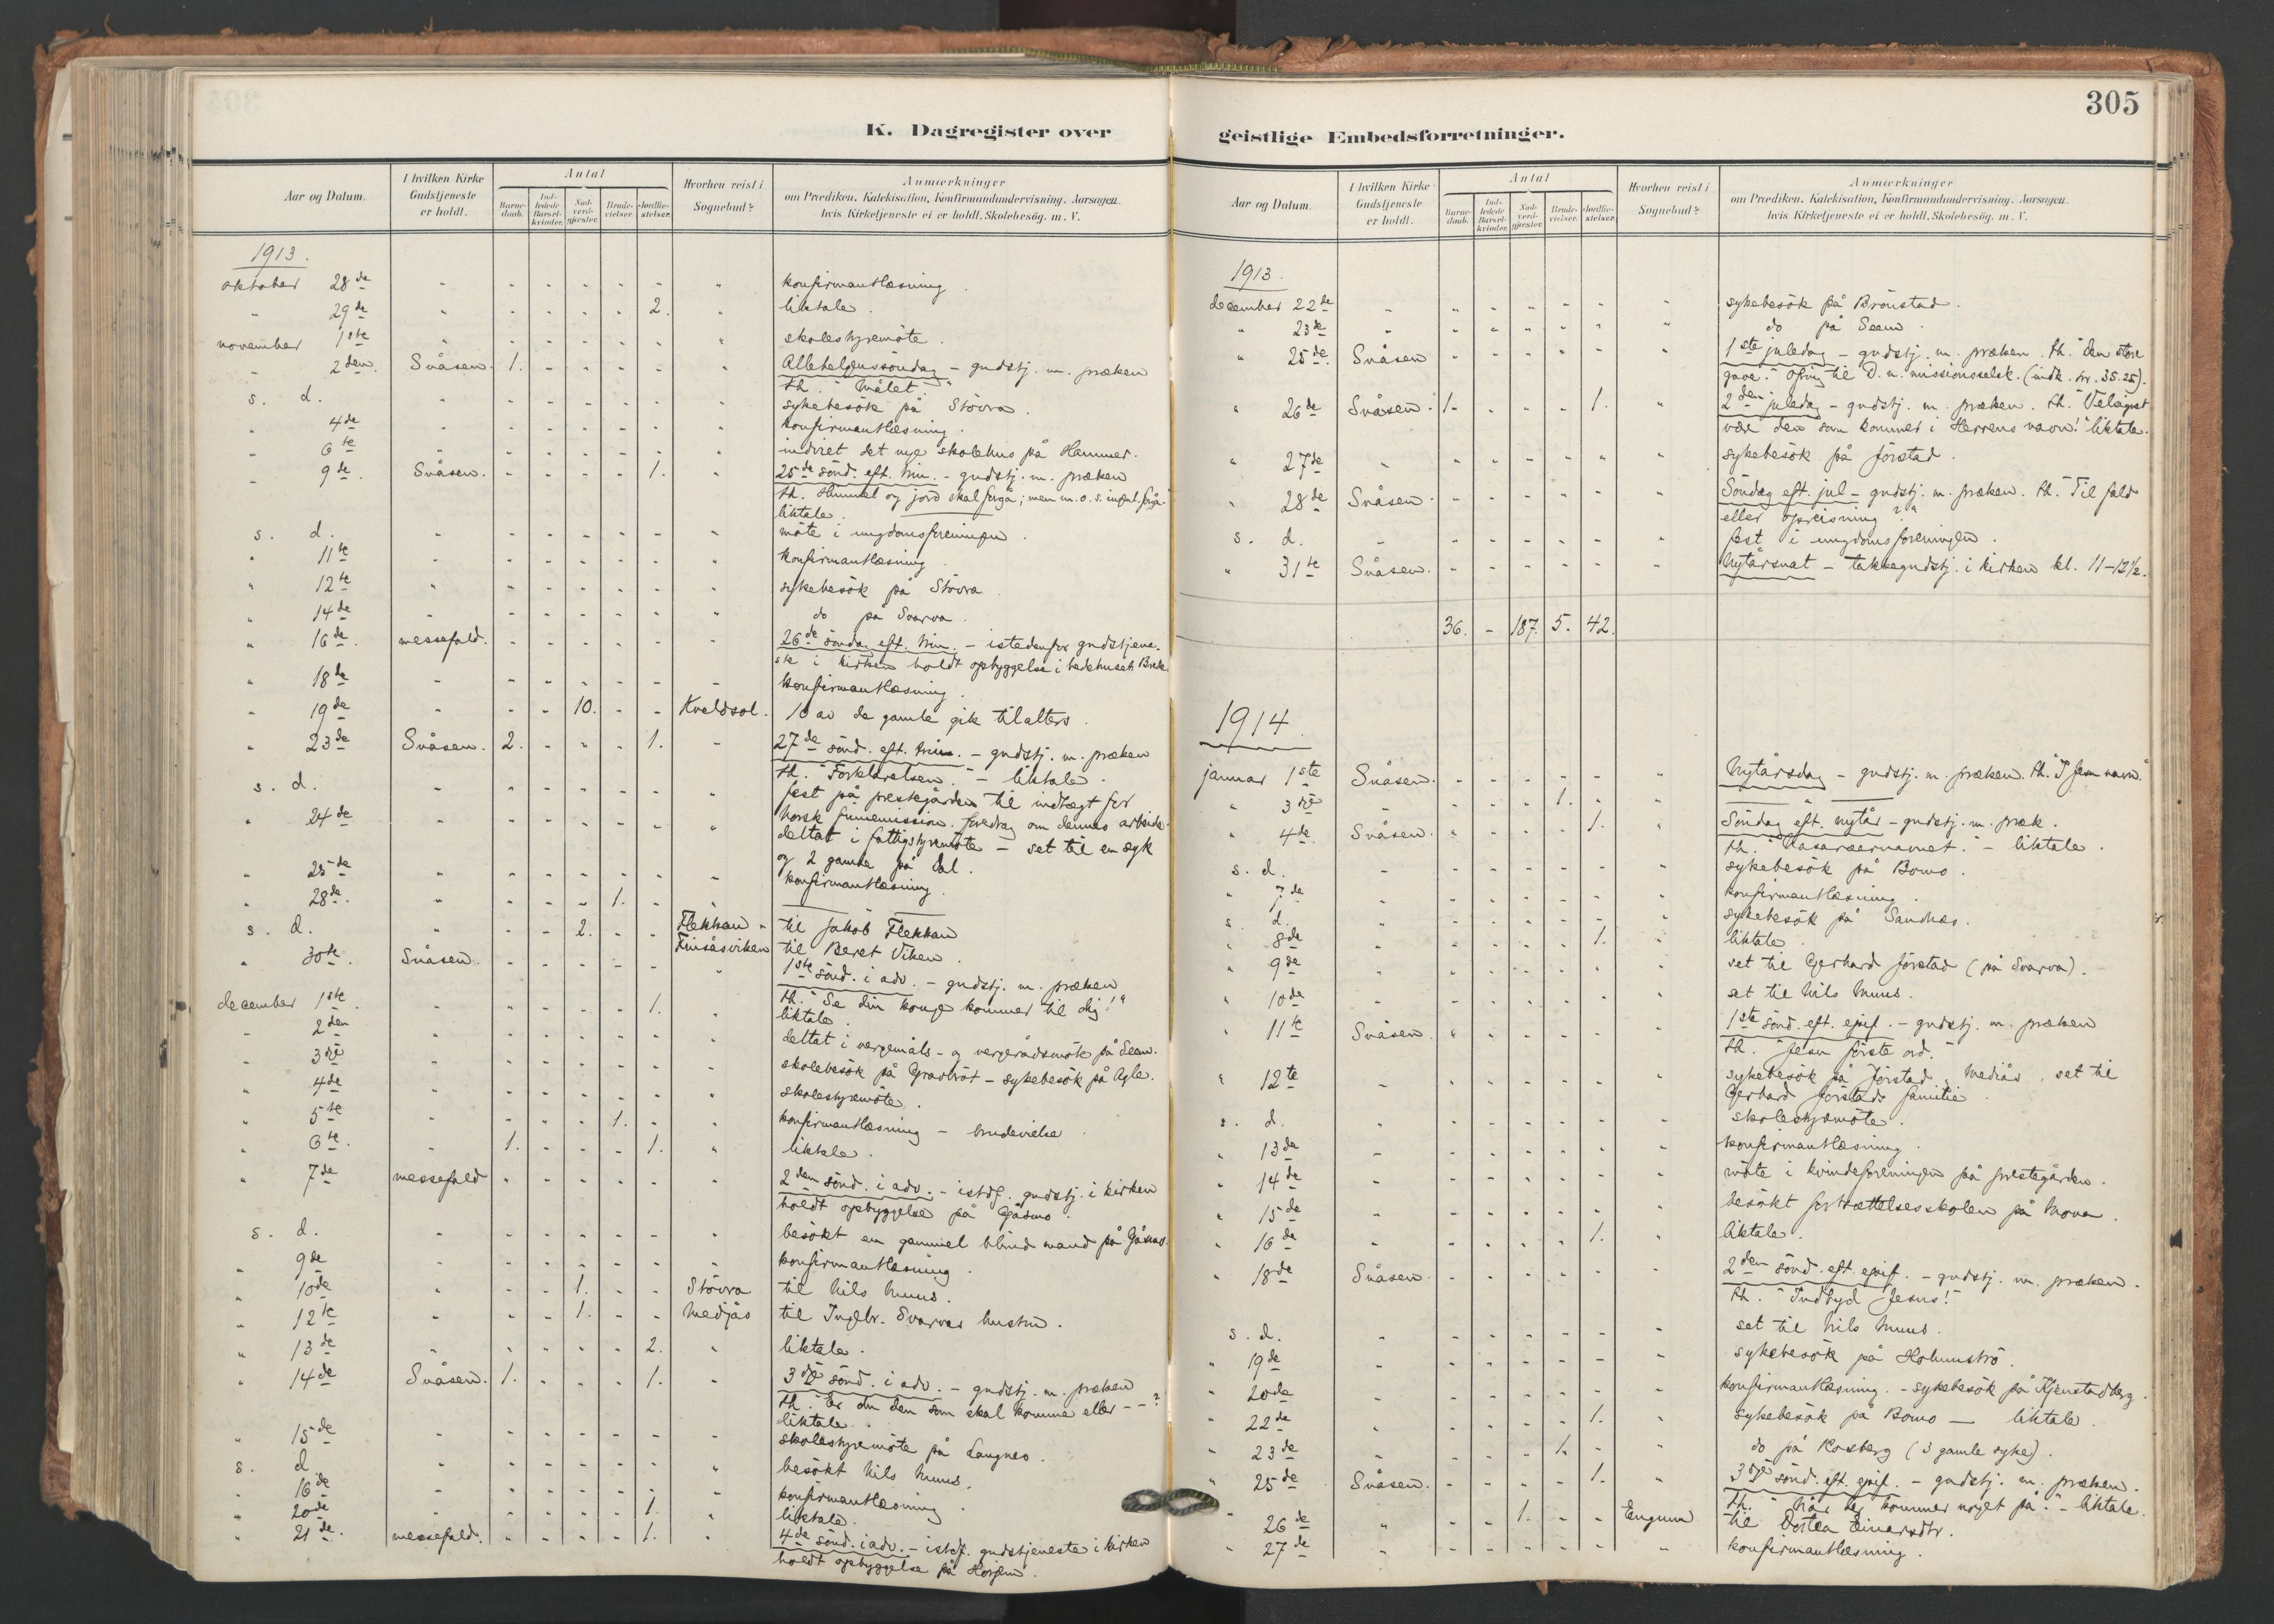 SAT, Ministerialprotokoller, klokkerbøker og fødselsregistre - Nord-Trøndelag, 749/L0477: Ministerialbok nr. 749A11, 1902-1927, s. 305